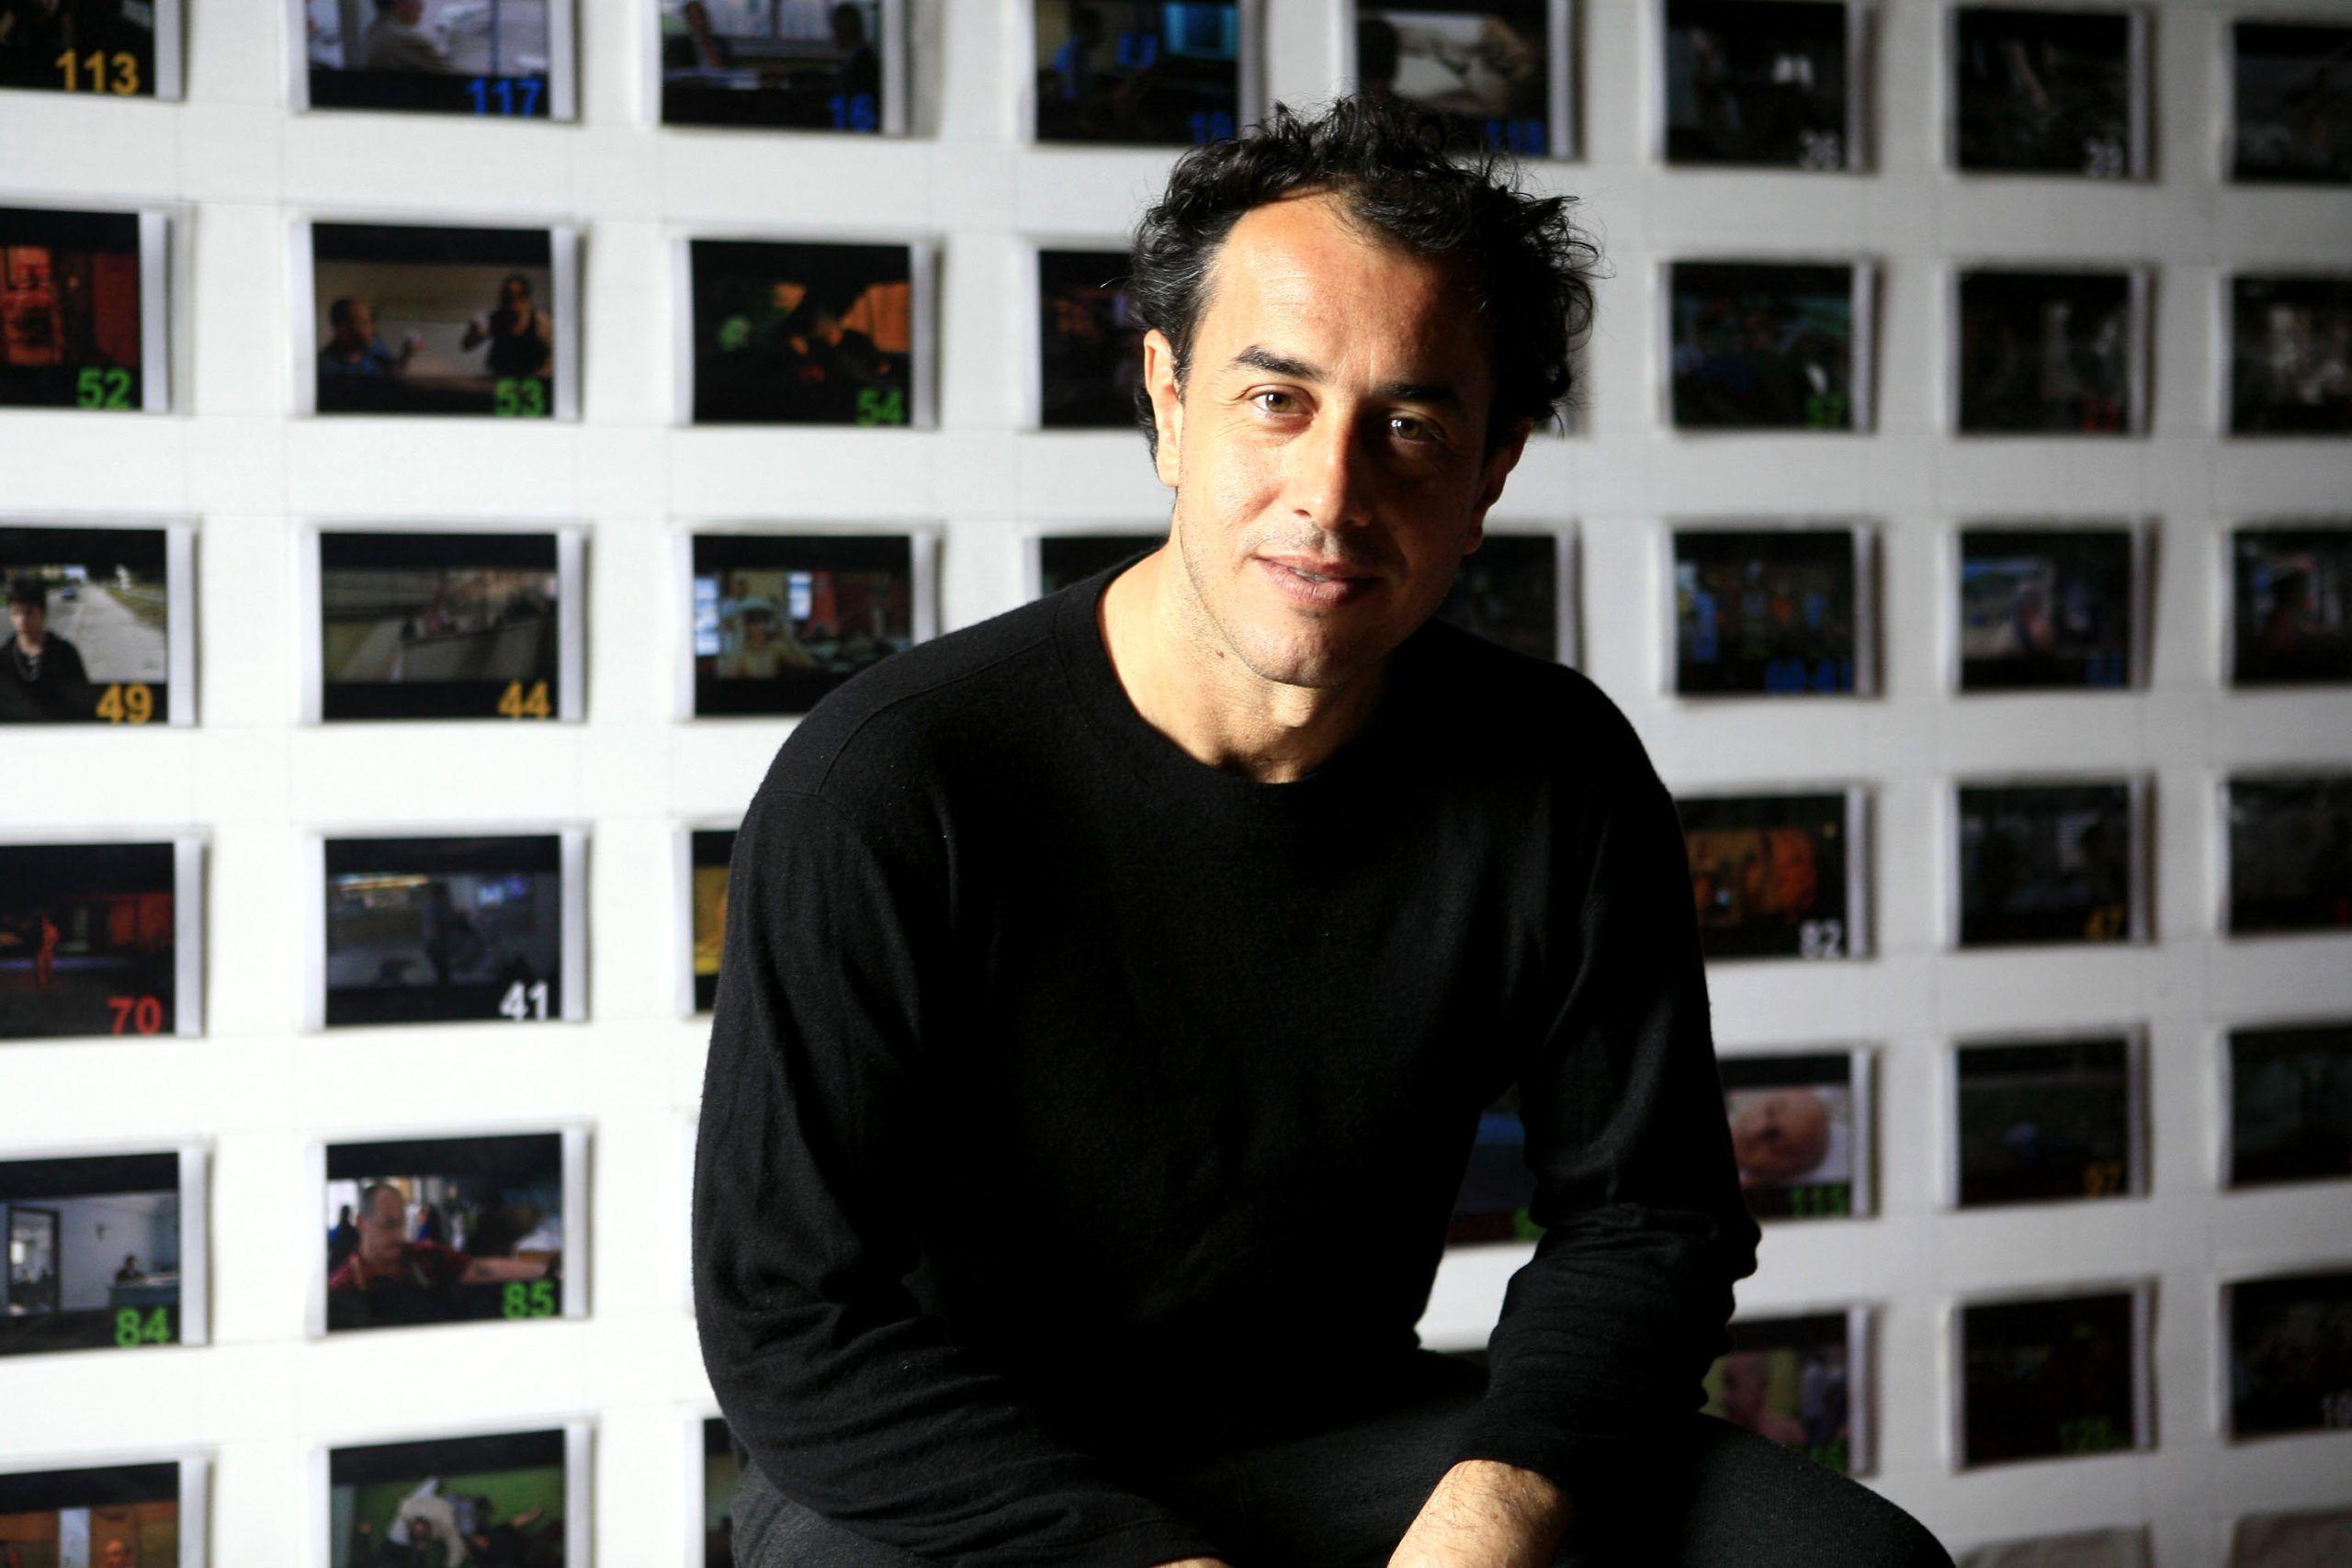 A Catania i casting per il prossimo film di Matteo Garrone. Si cerca un bambino